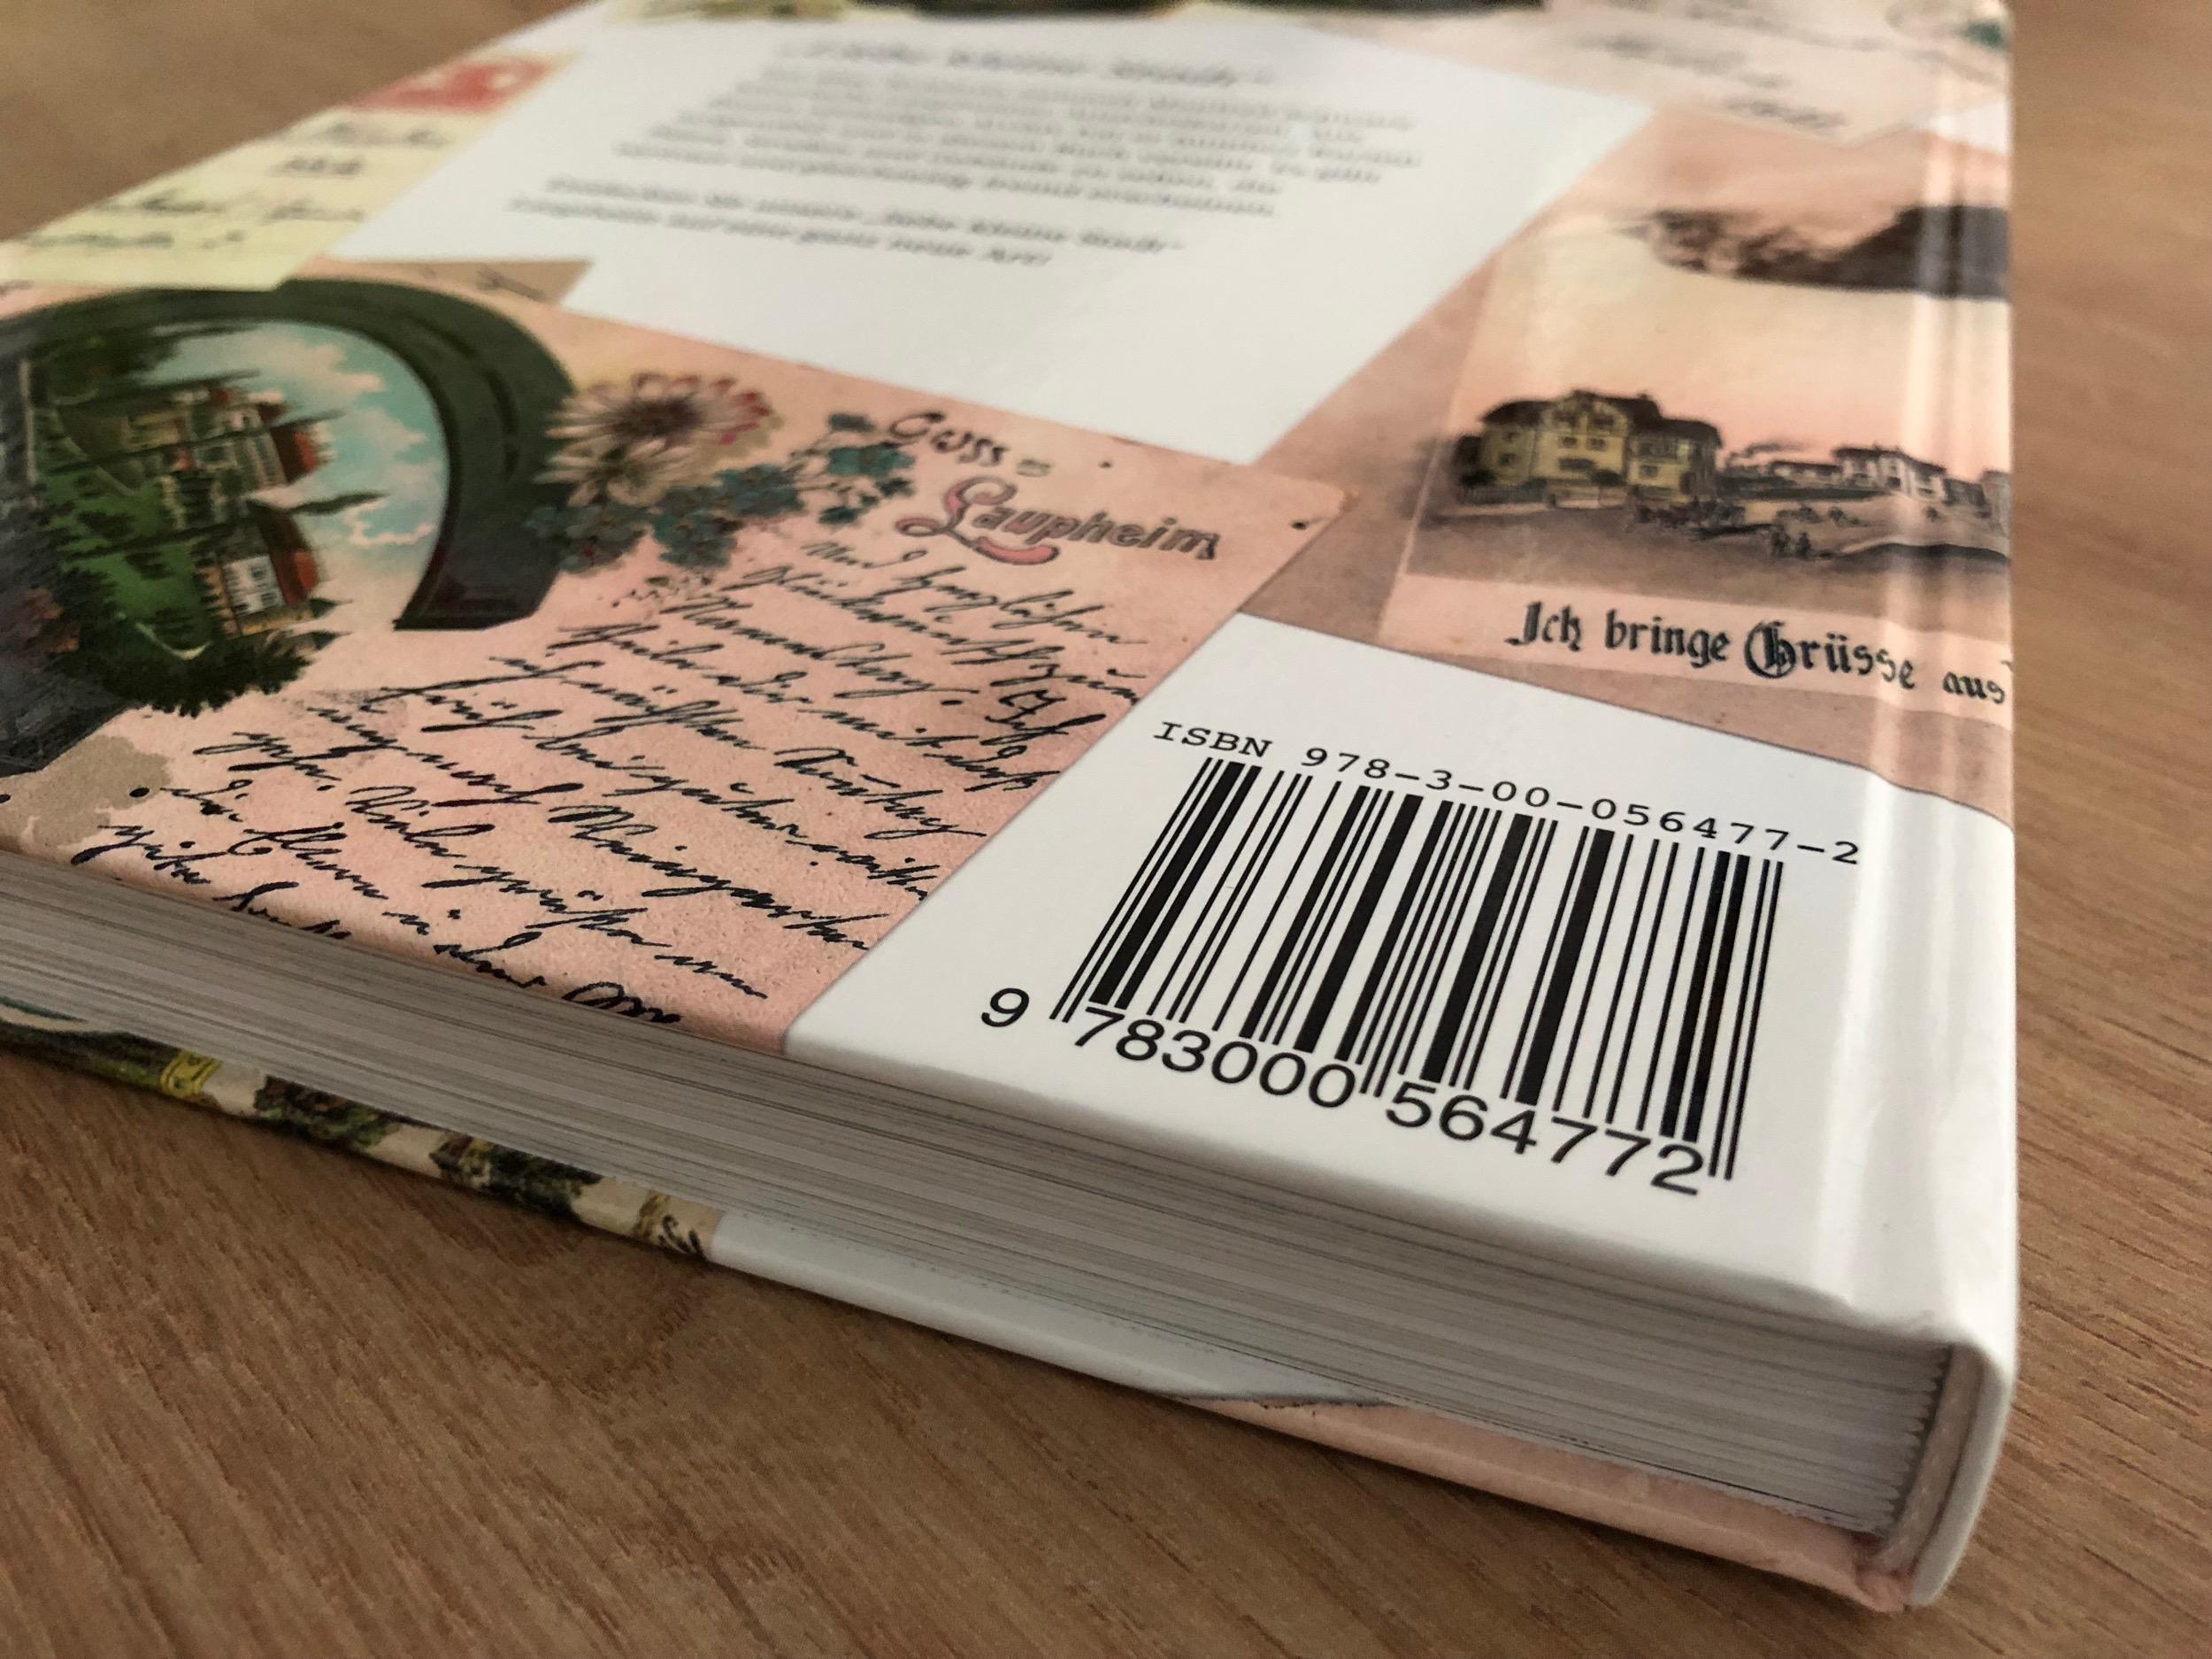 Ohne ISBN keine Listung im Buchhandel